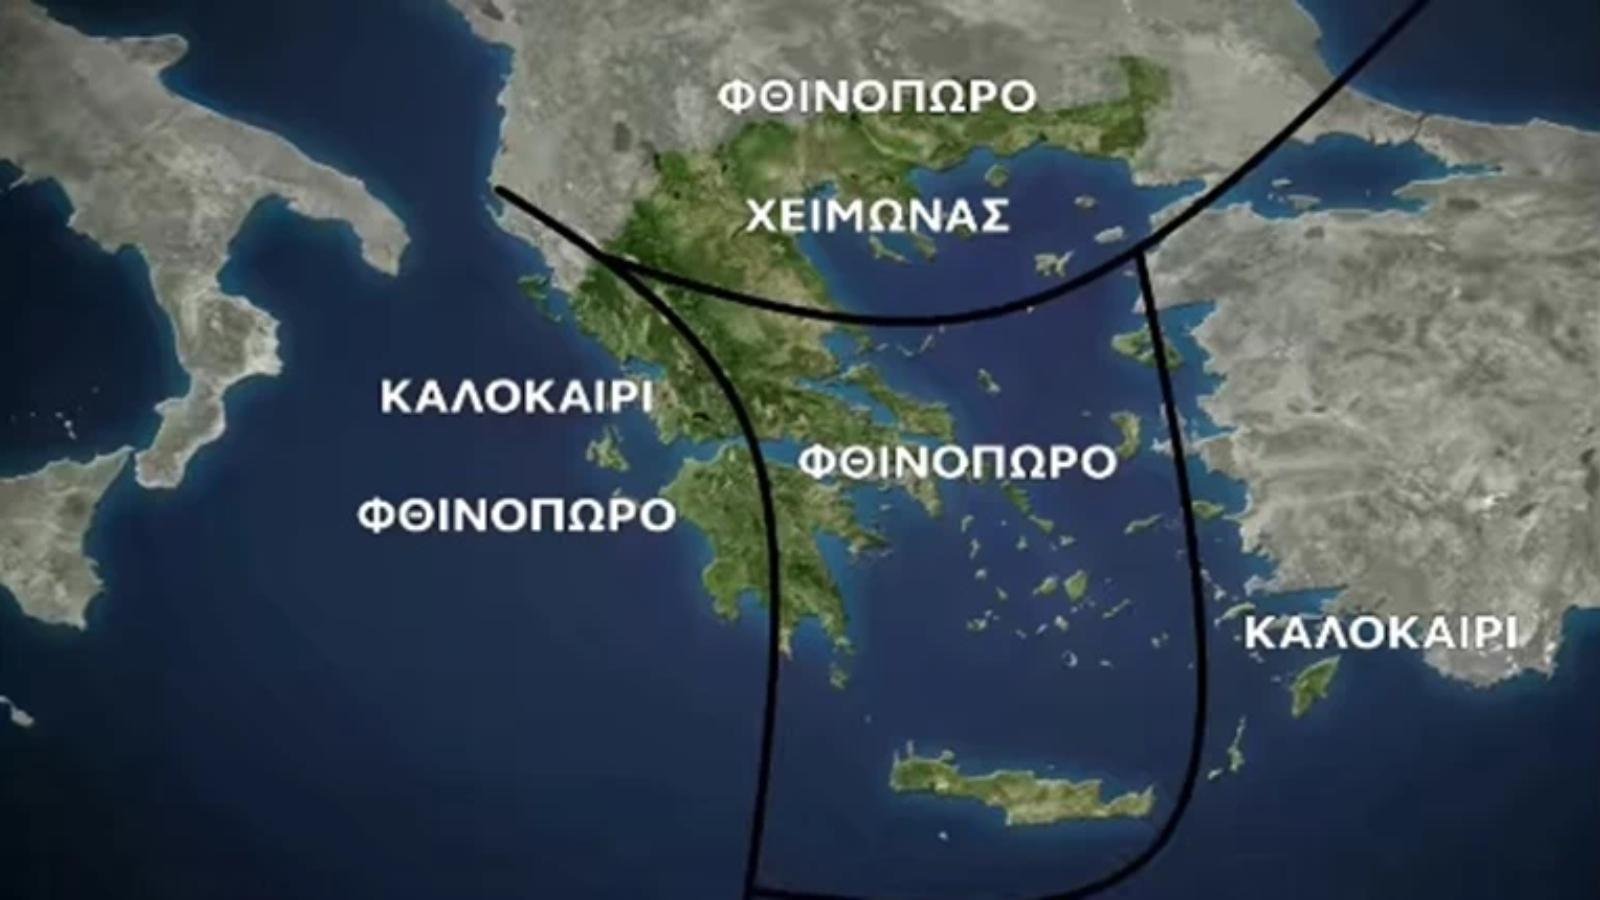 Θα ζήσουμε καλοκαίρι, φθινόπωρο και χειμώνα ταυτόχρονα στην Ελλάδα